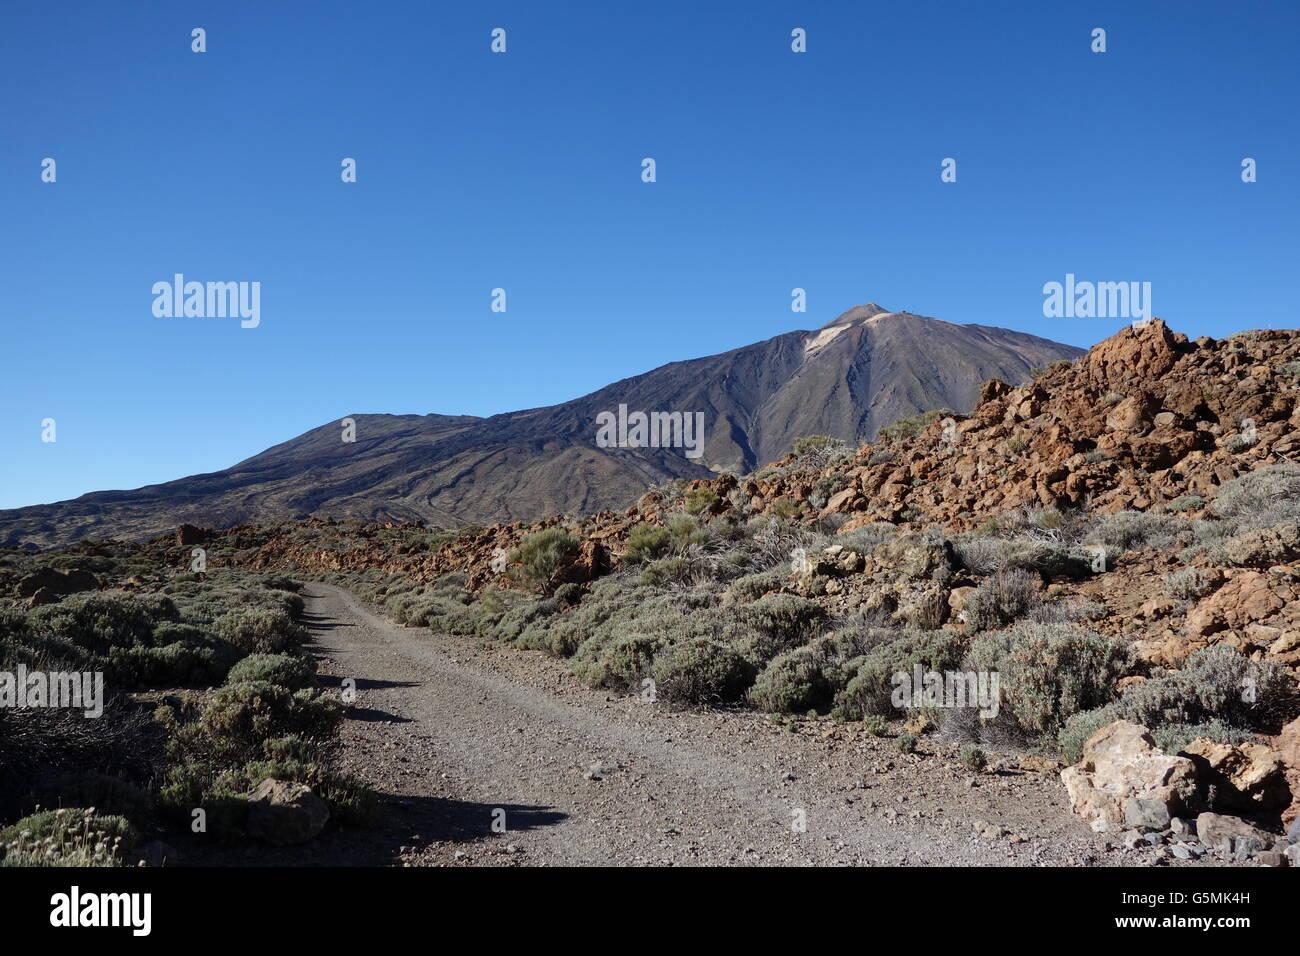 View on Pico Teide from Rura de las Canadas, Parque National del Teide, Tenerife - Stock Image